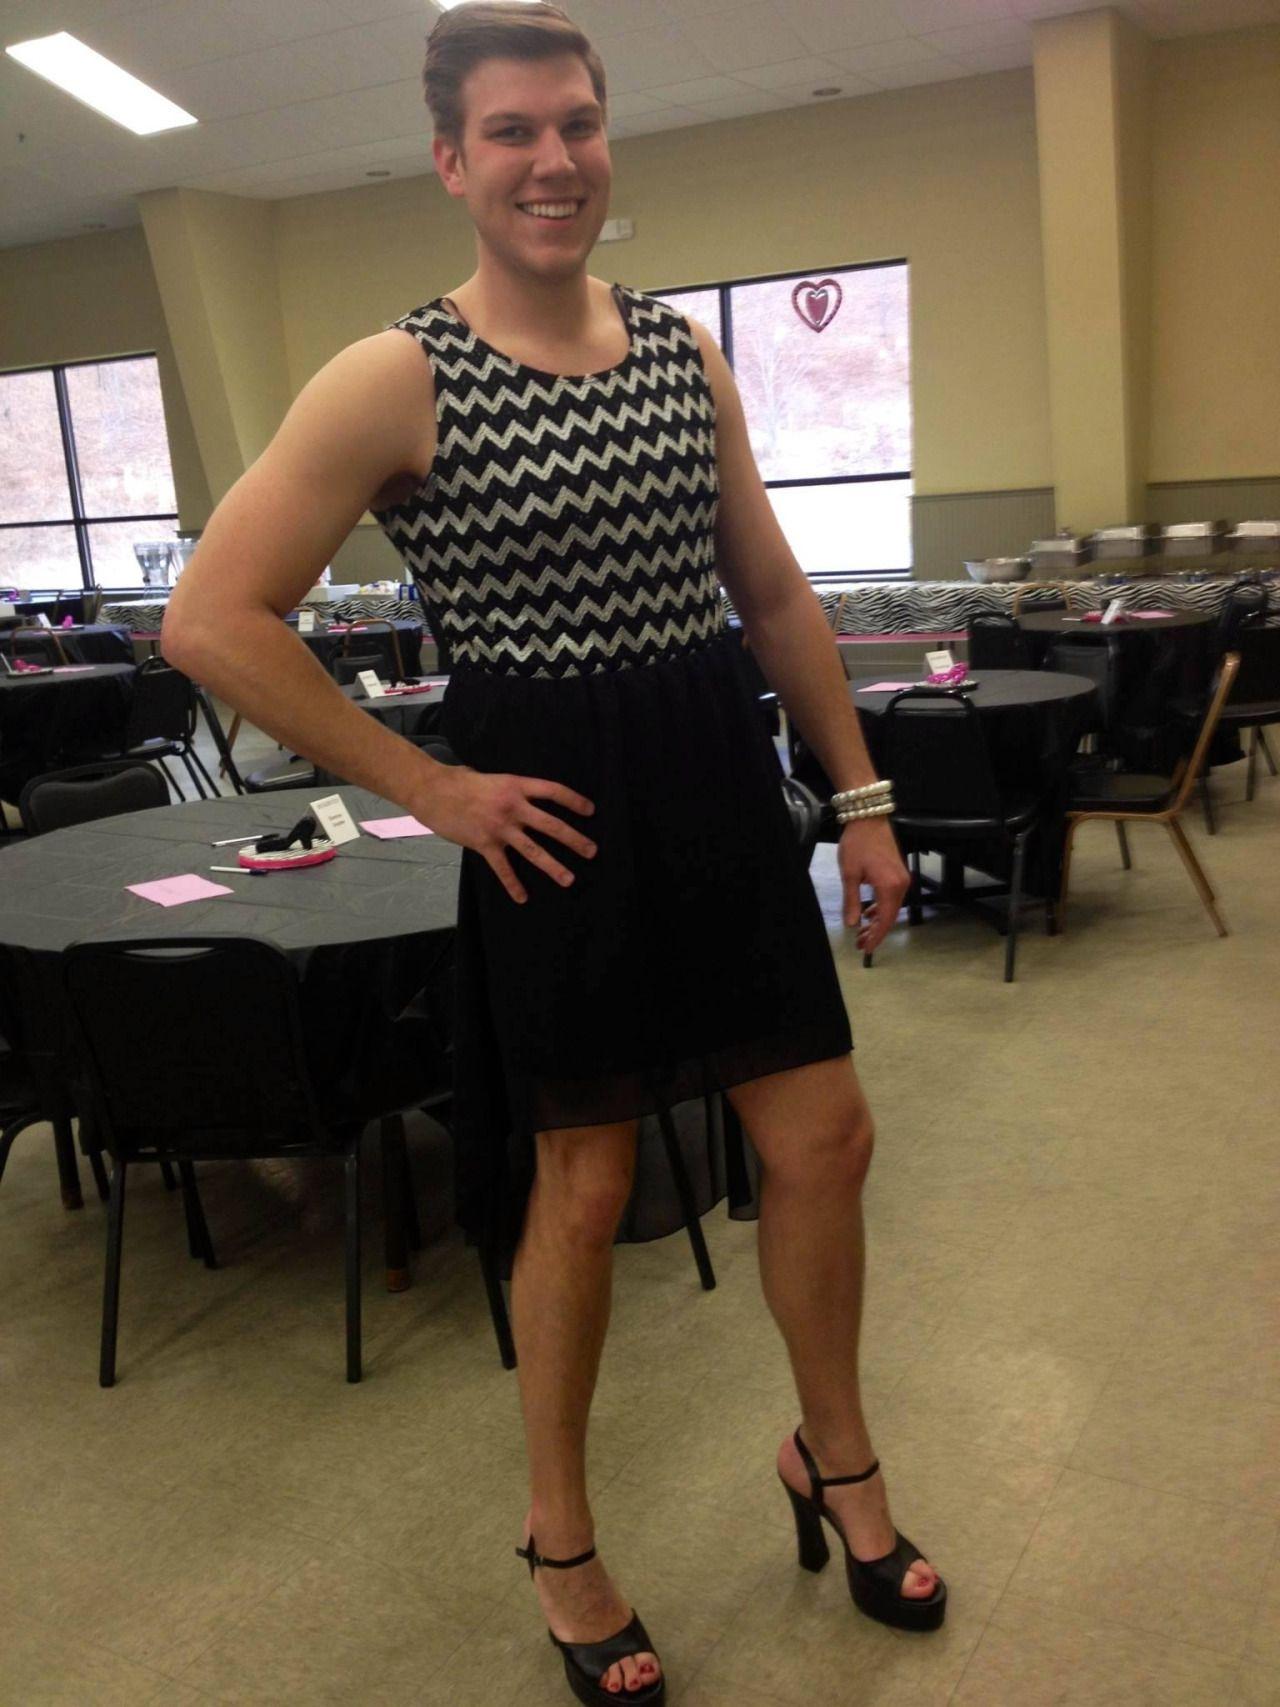 Snathtced From Muscleheels Men In Heels Men Wearing Skirts Men Wearing High Heels